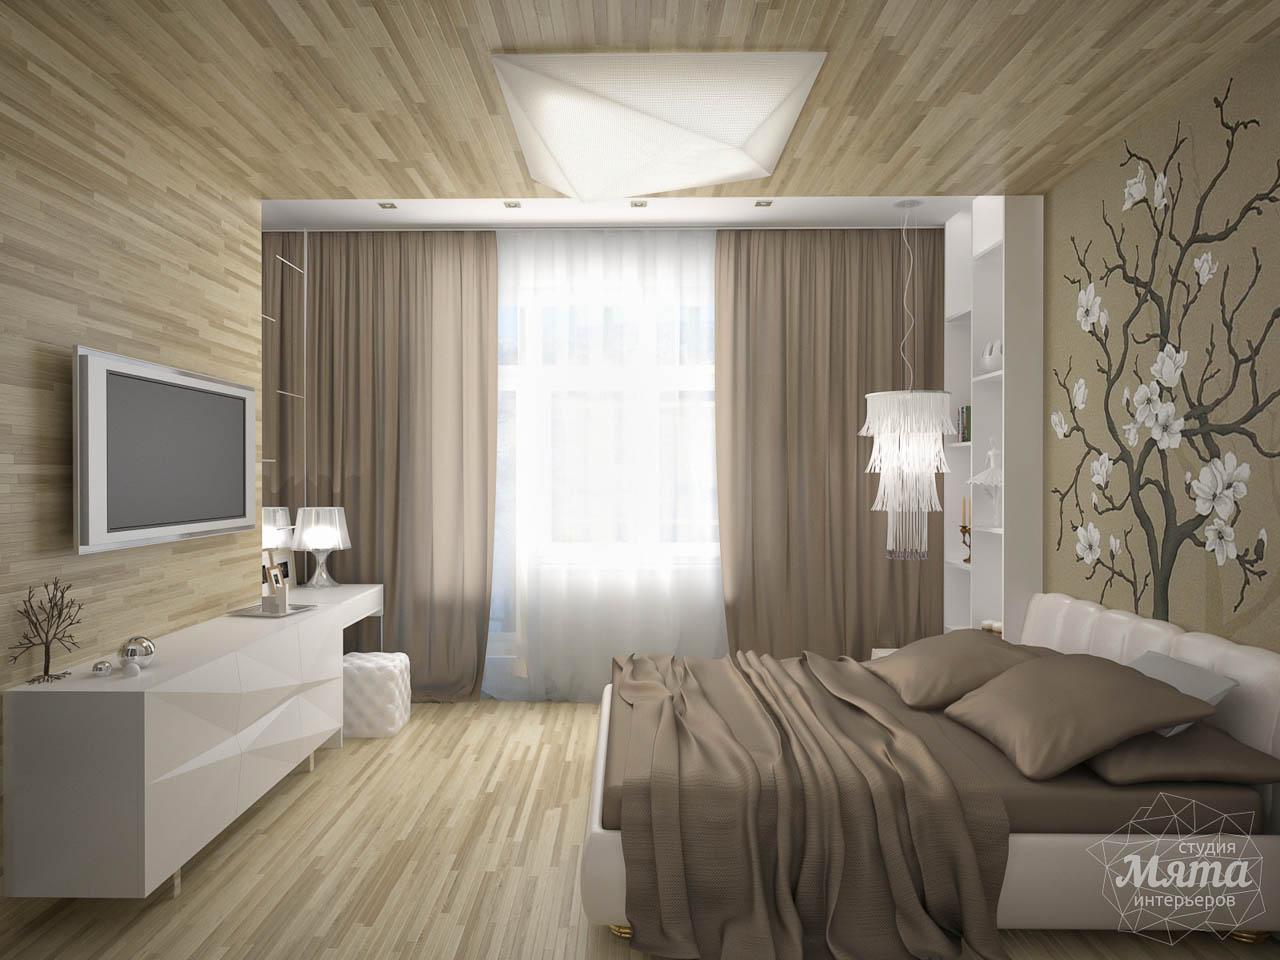 Дизайн интерьера трехкомнатной квартиры по ул. Папанина 18 img449167895